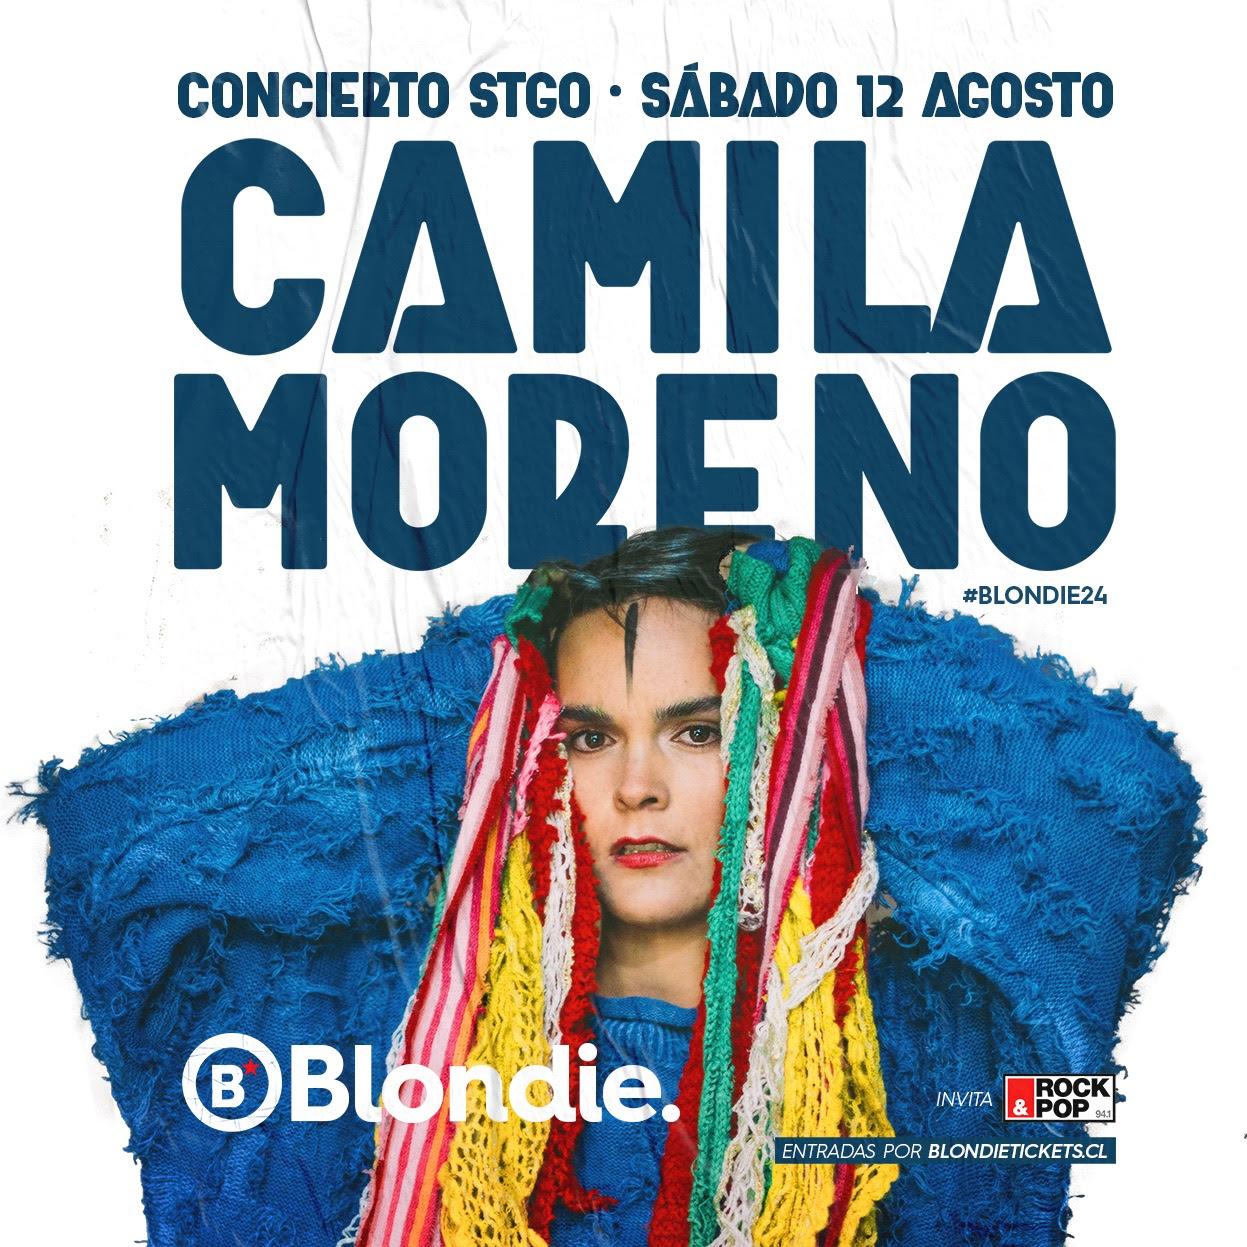 Camila-Moreno-flyer.jpg